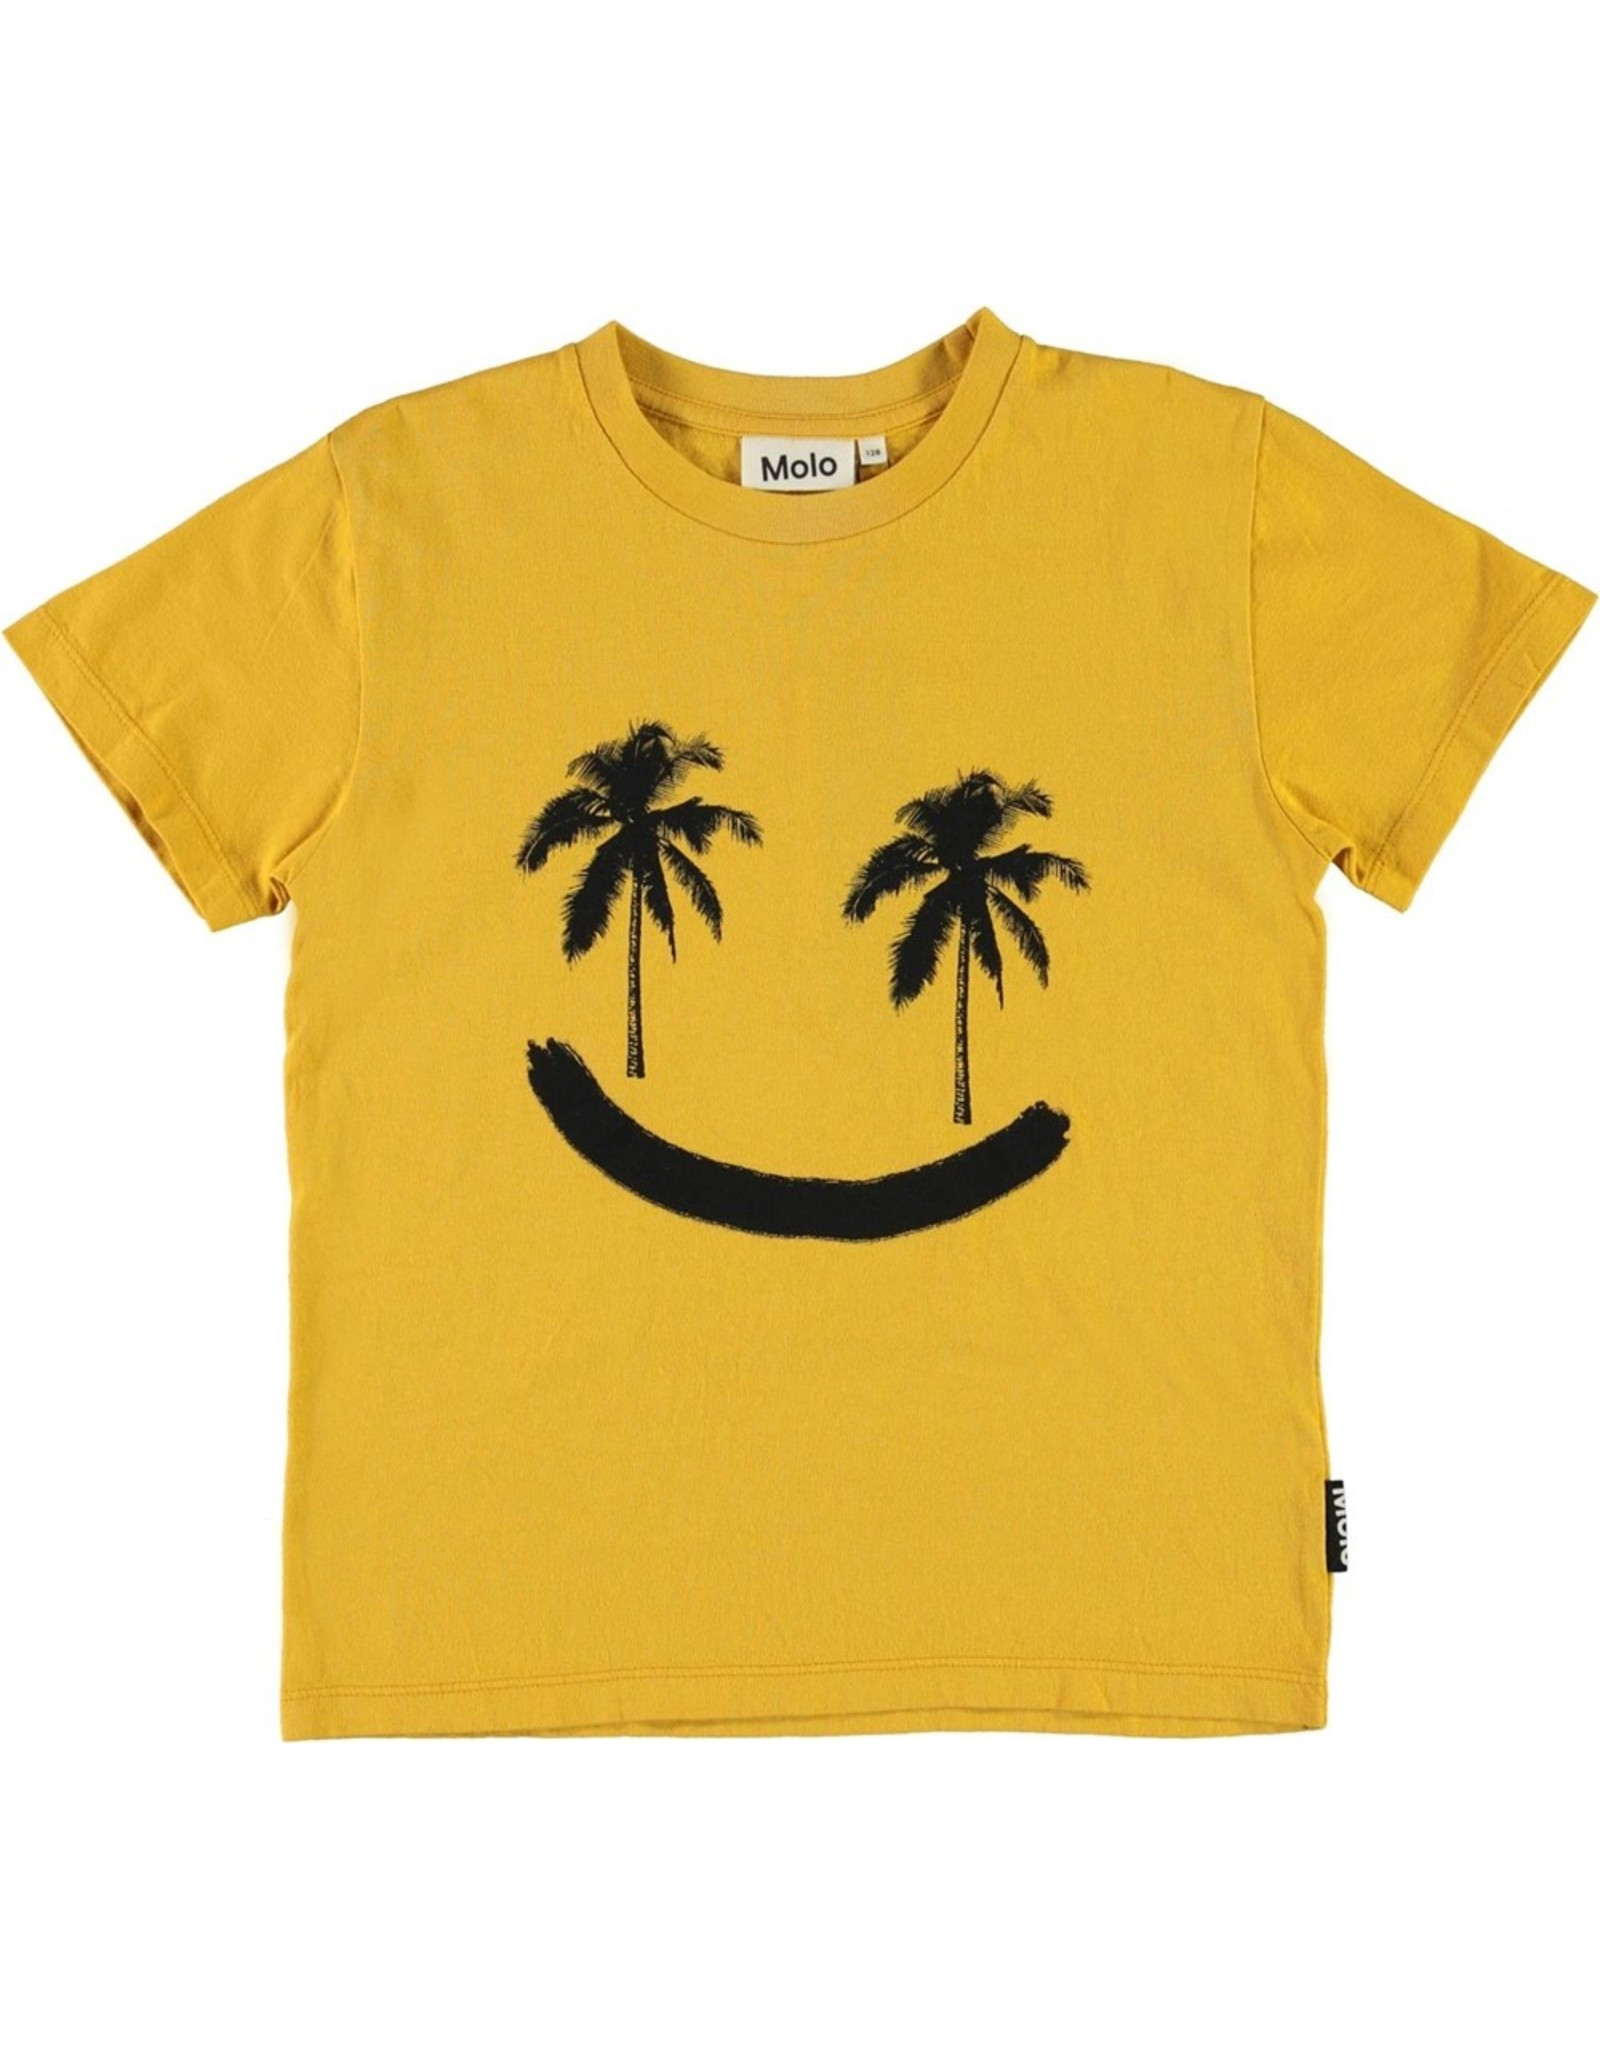 Molo Molo T-shirt Rame  Sunrise